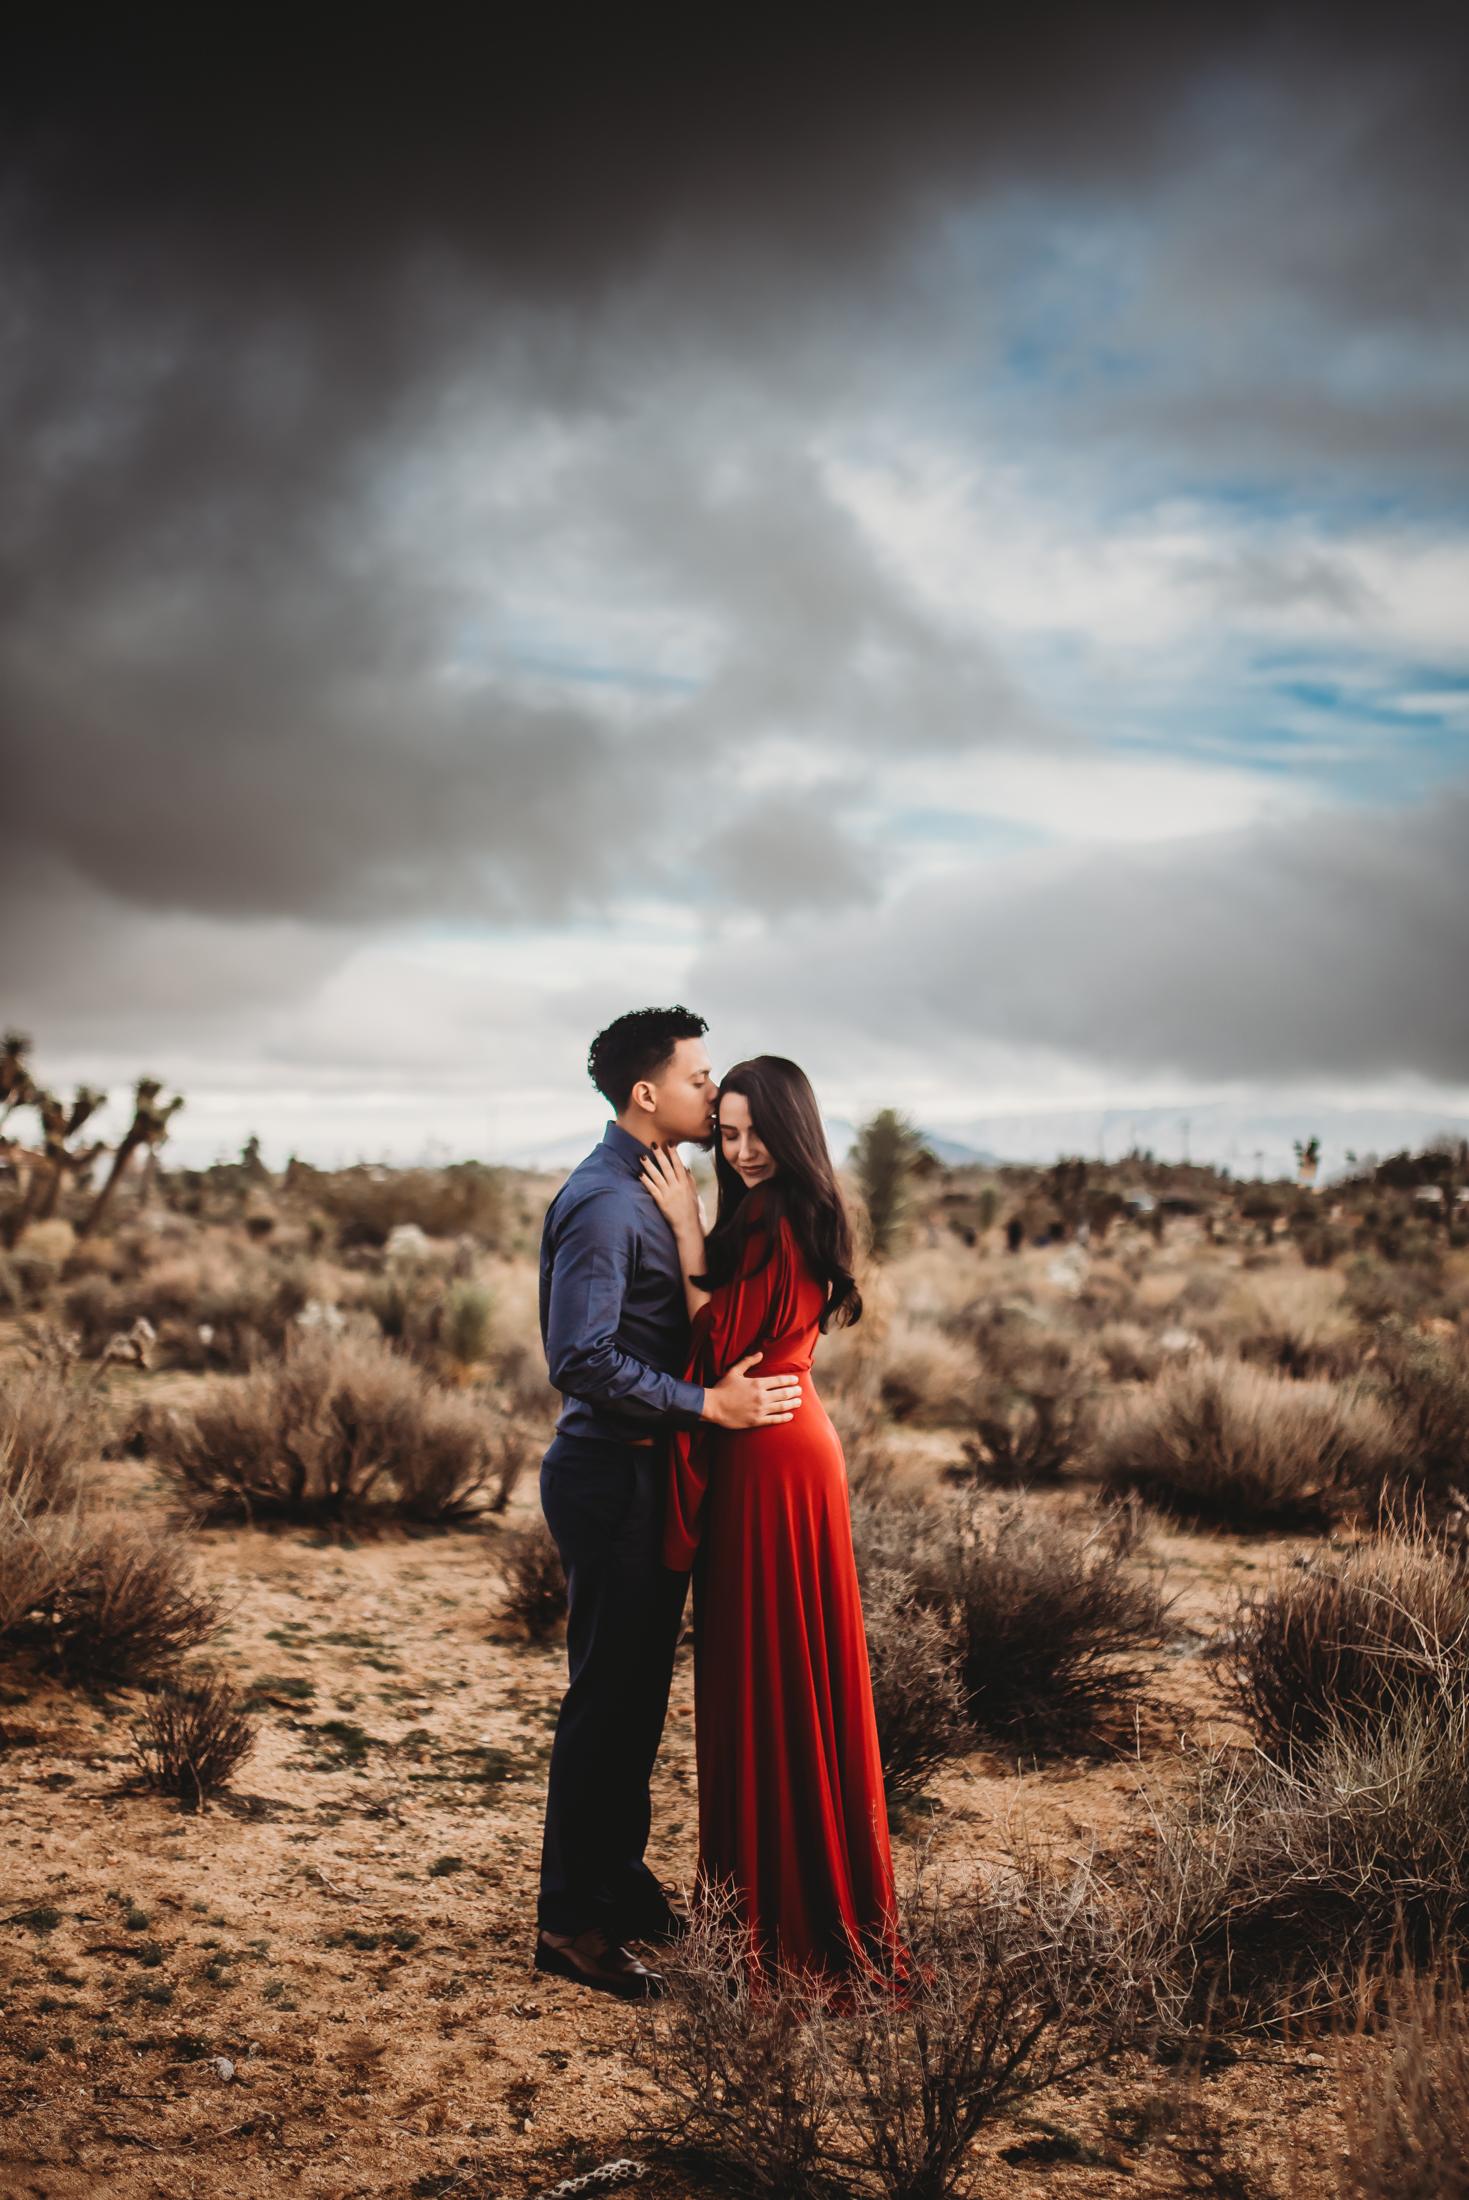 twyla jones photography - joshua tree-26.jpg